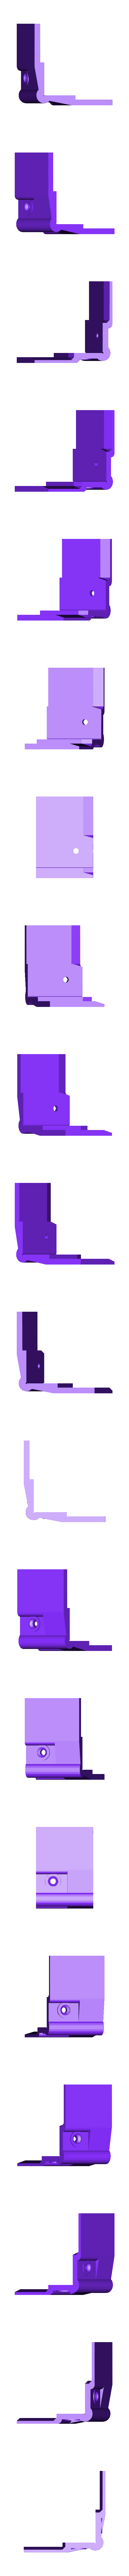 EnclosureWindow_top-back.stl Télécharger fichier STL gratuit Ikea manque de boîtier d'imprimante 3D • Plan pour impression 3D, Milan_Gajic